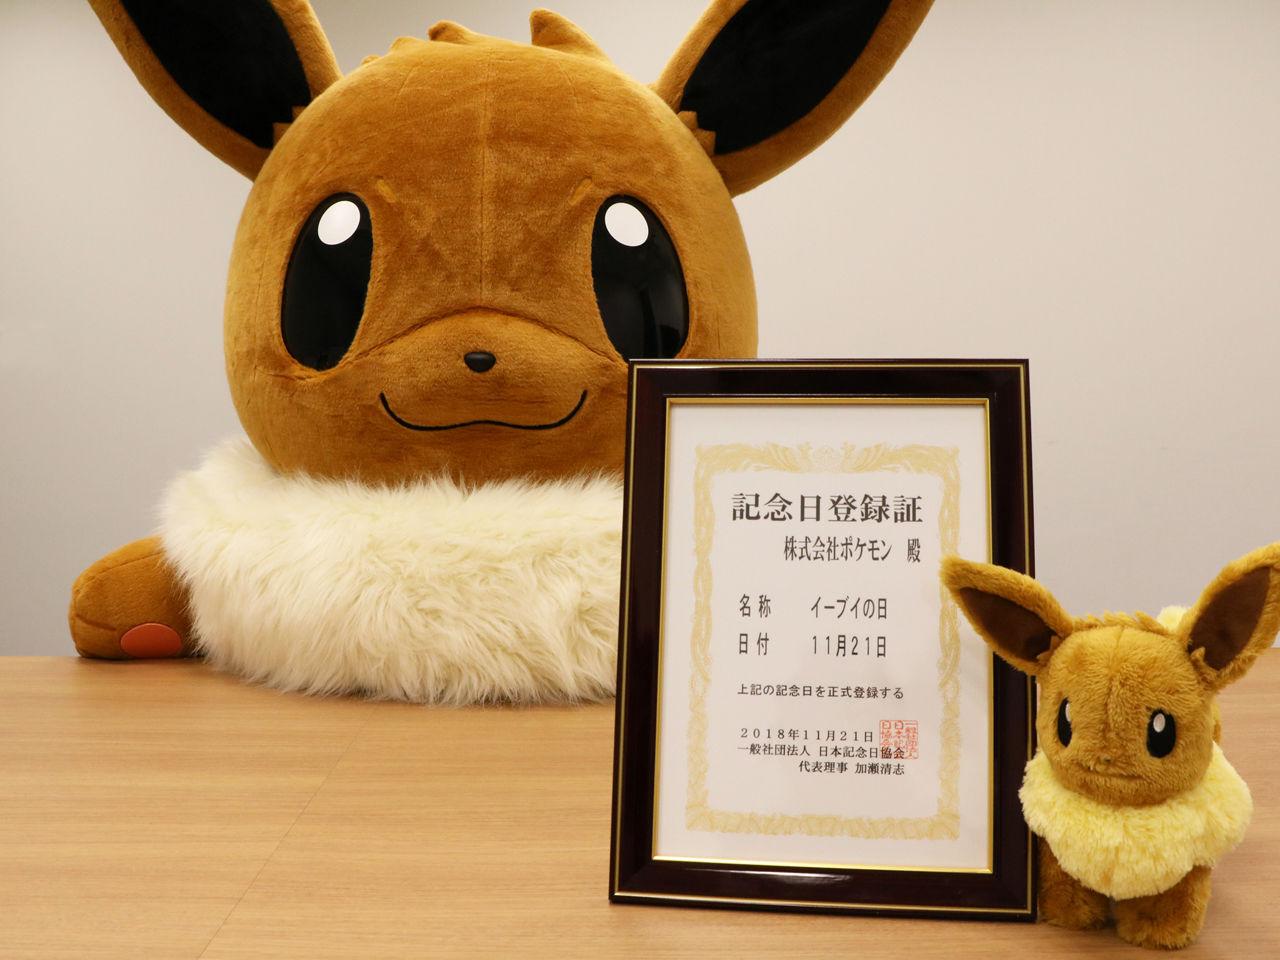 """11月21日就是""""伊布日"""" 日本纪念日协会认定"""